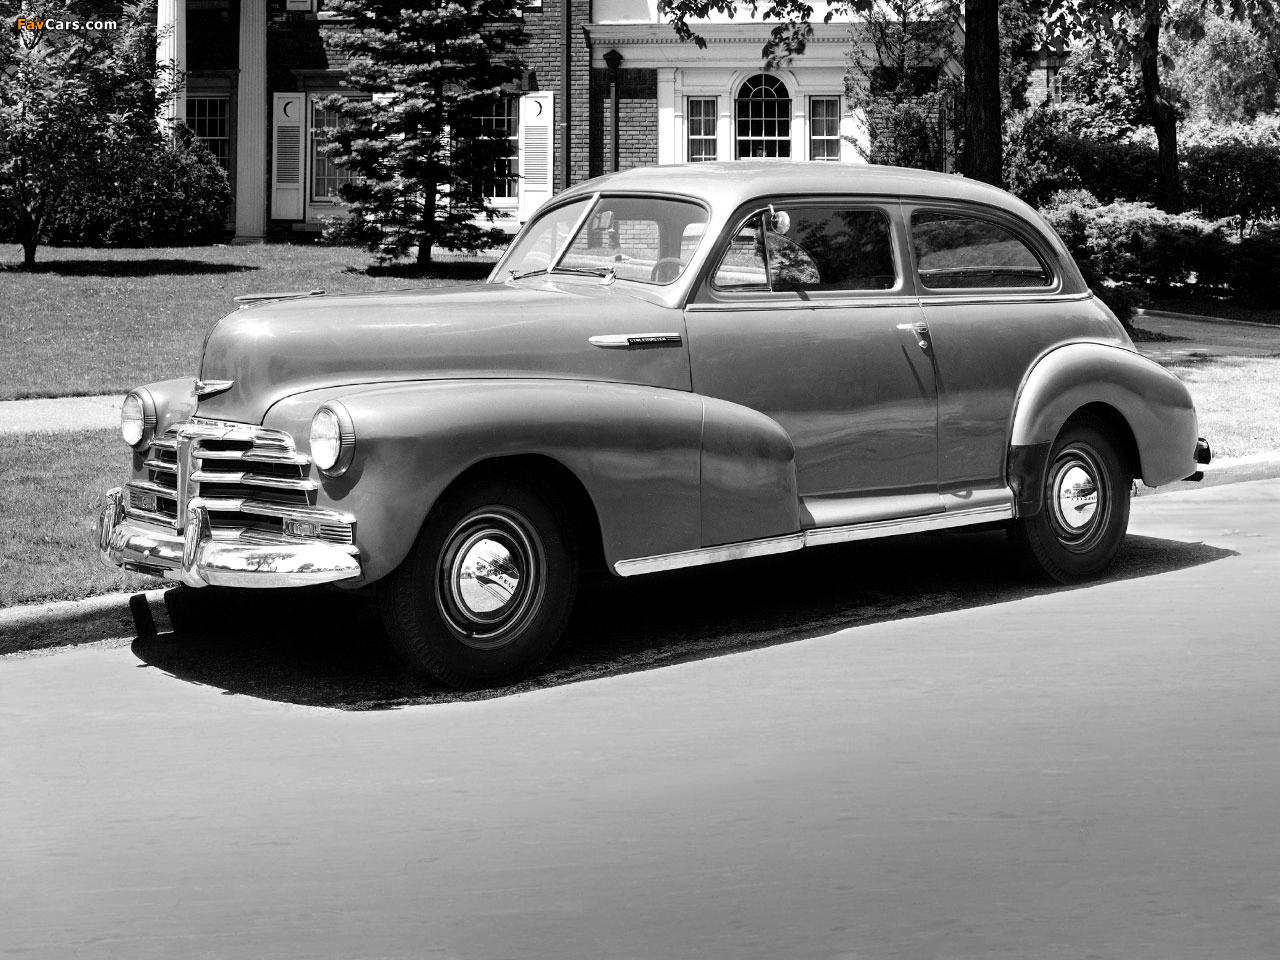 All Chevy chevy 2 door : Pictures of Chevrolet Stylemaster 2-door Town Sedan 1948 (1280x960)